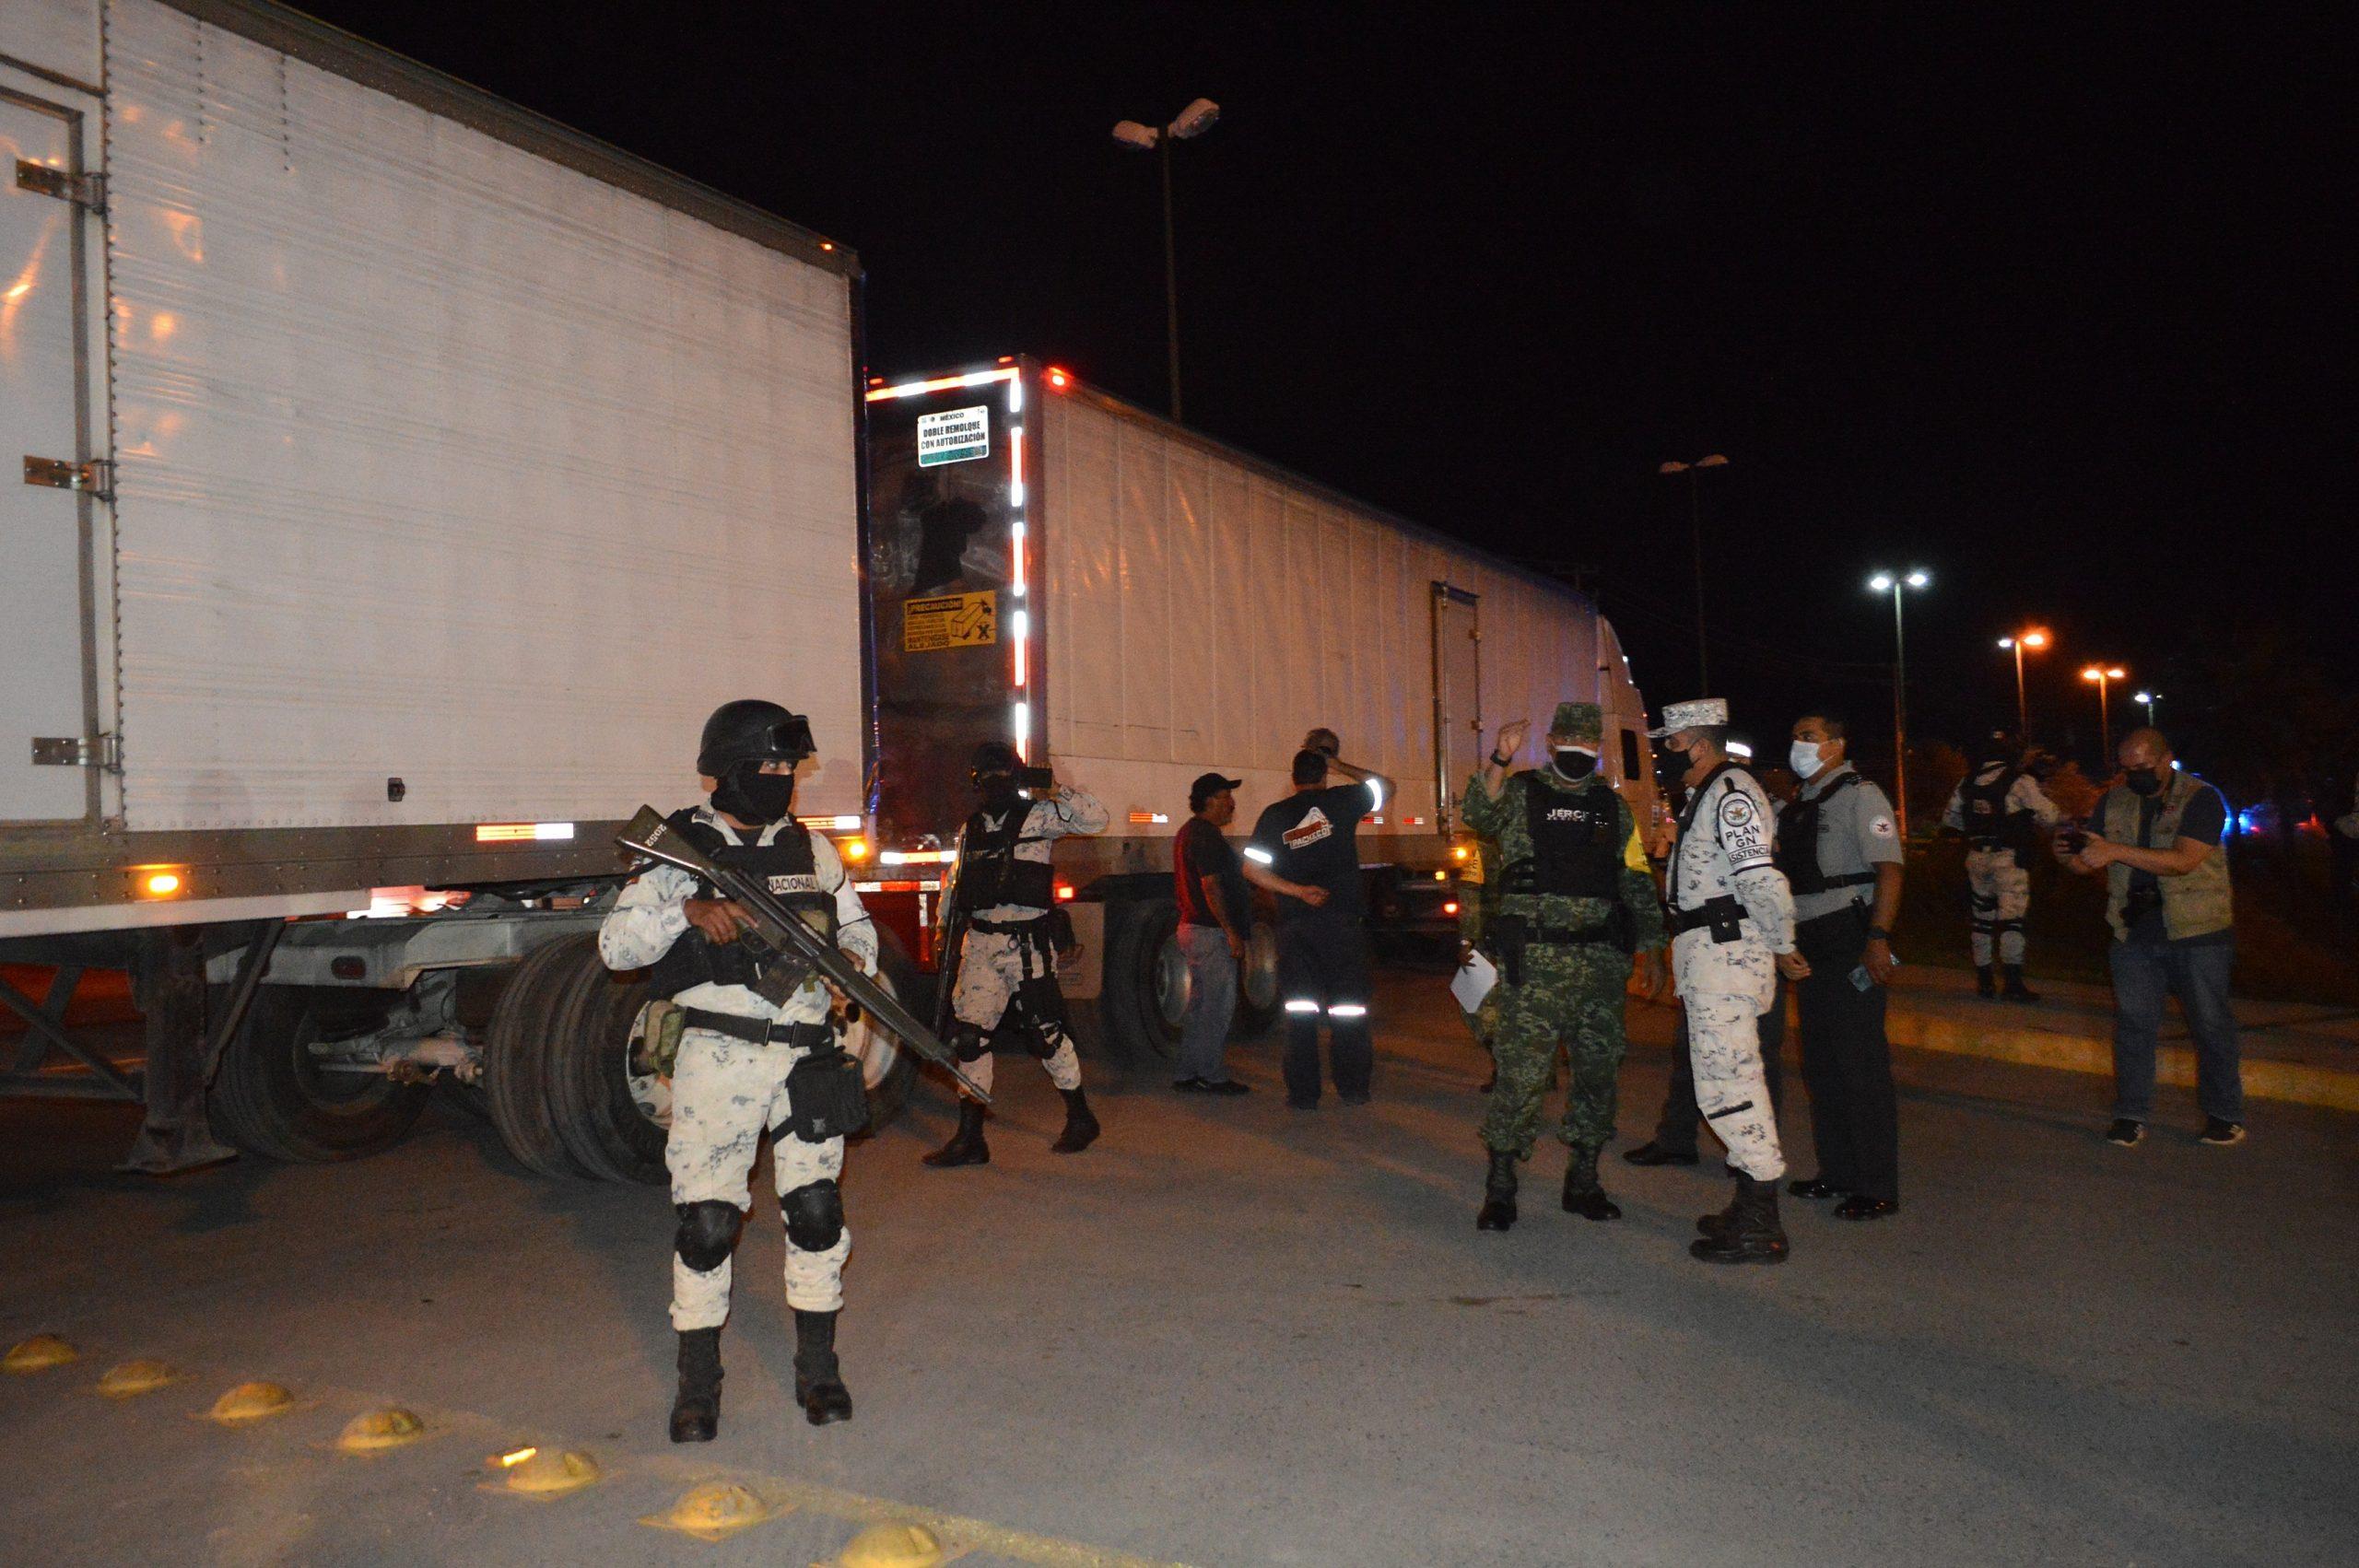 564 migrantes guatemaltecos, incluidos 320 menores, son rescatados en Tamaulipas, México - Prensa Libre